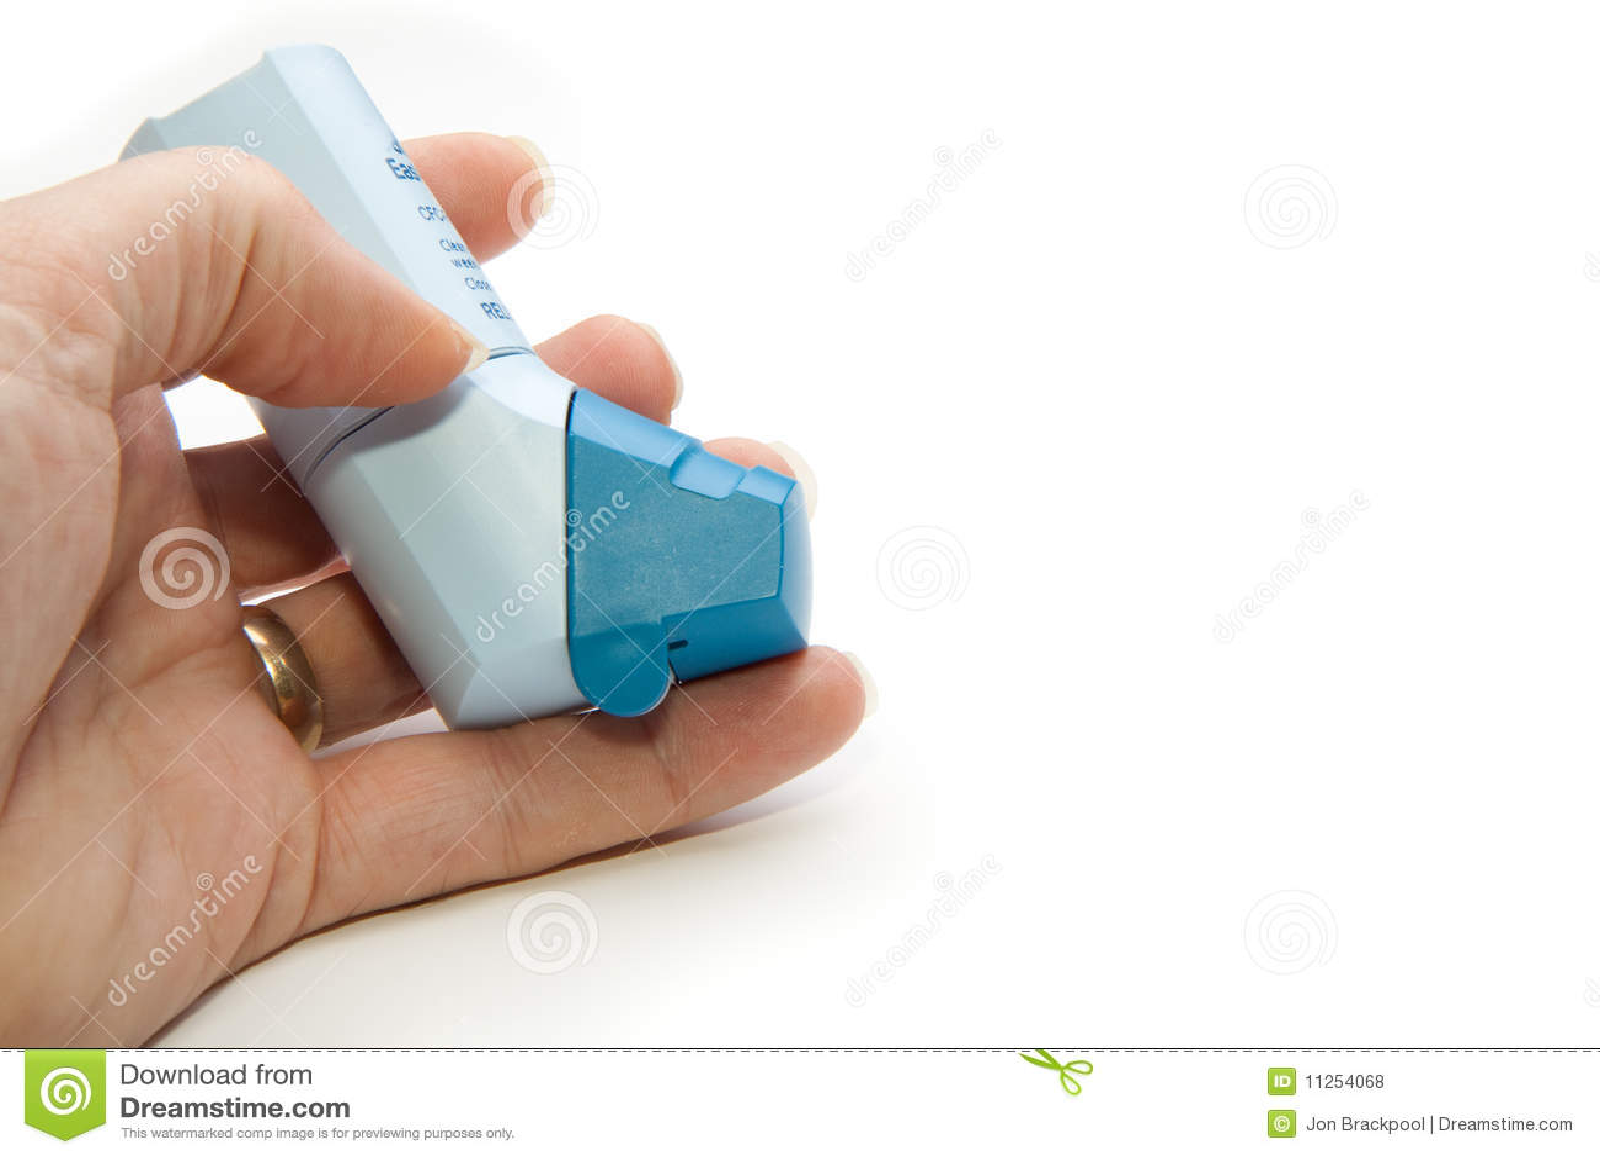 Ventolin inhaler online